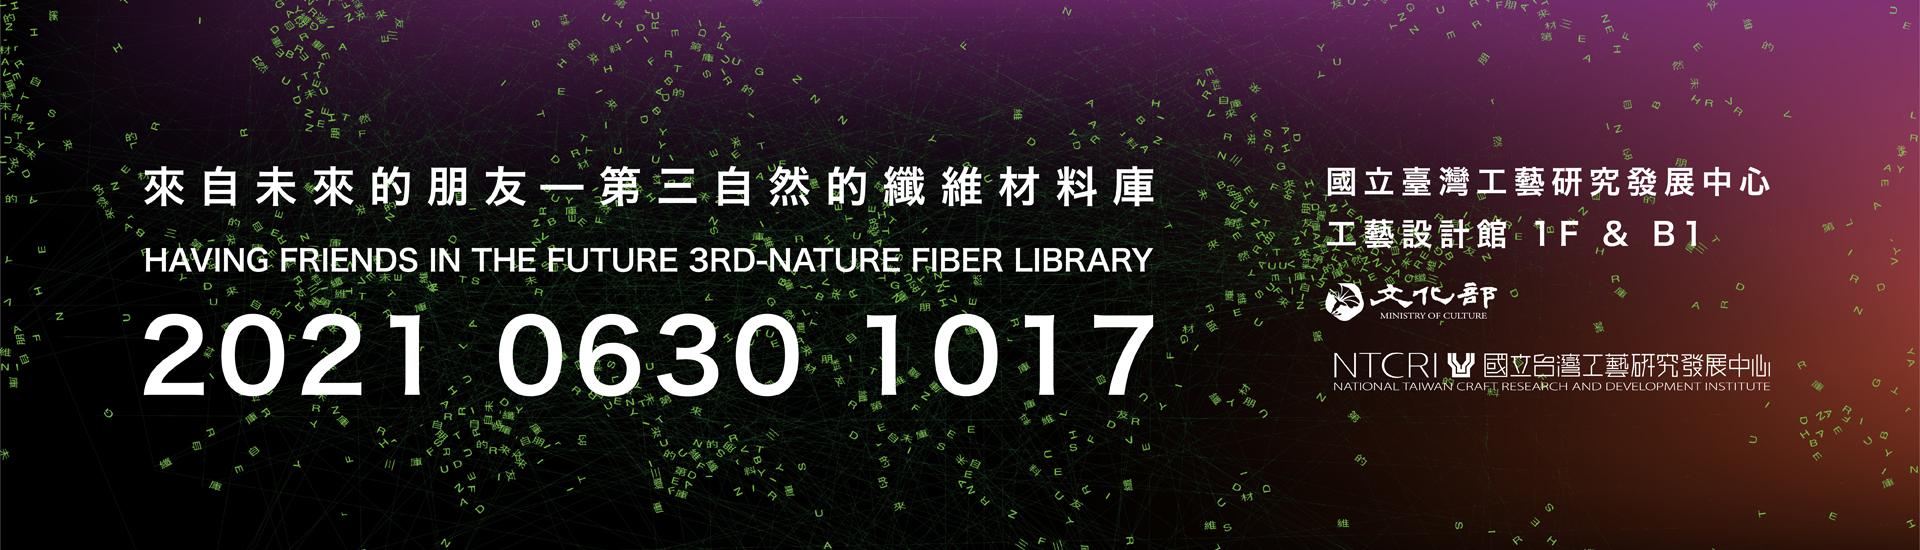 來自未來的朋友—第三自然的纖維材料庫「另開新視窗」-ipad